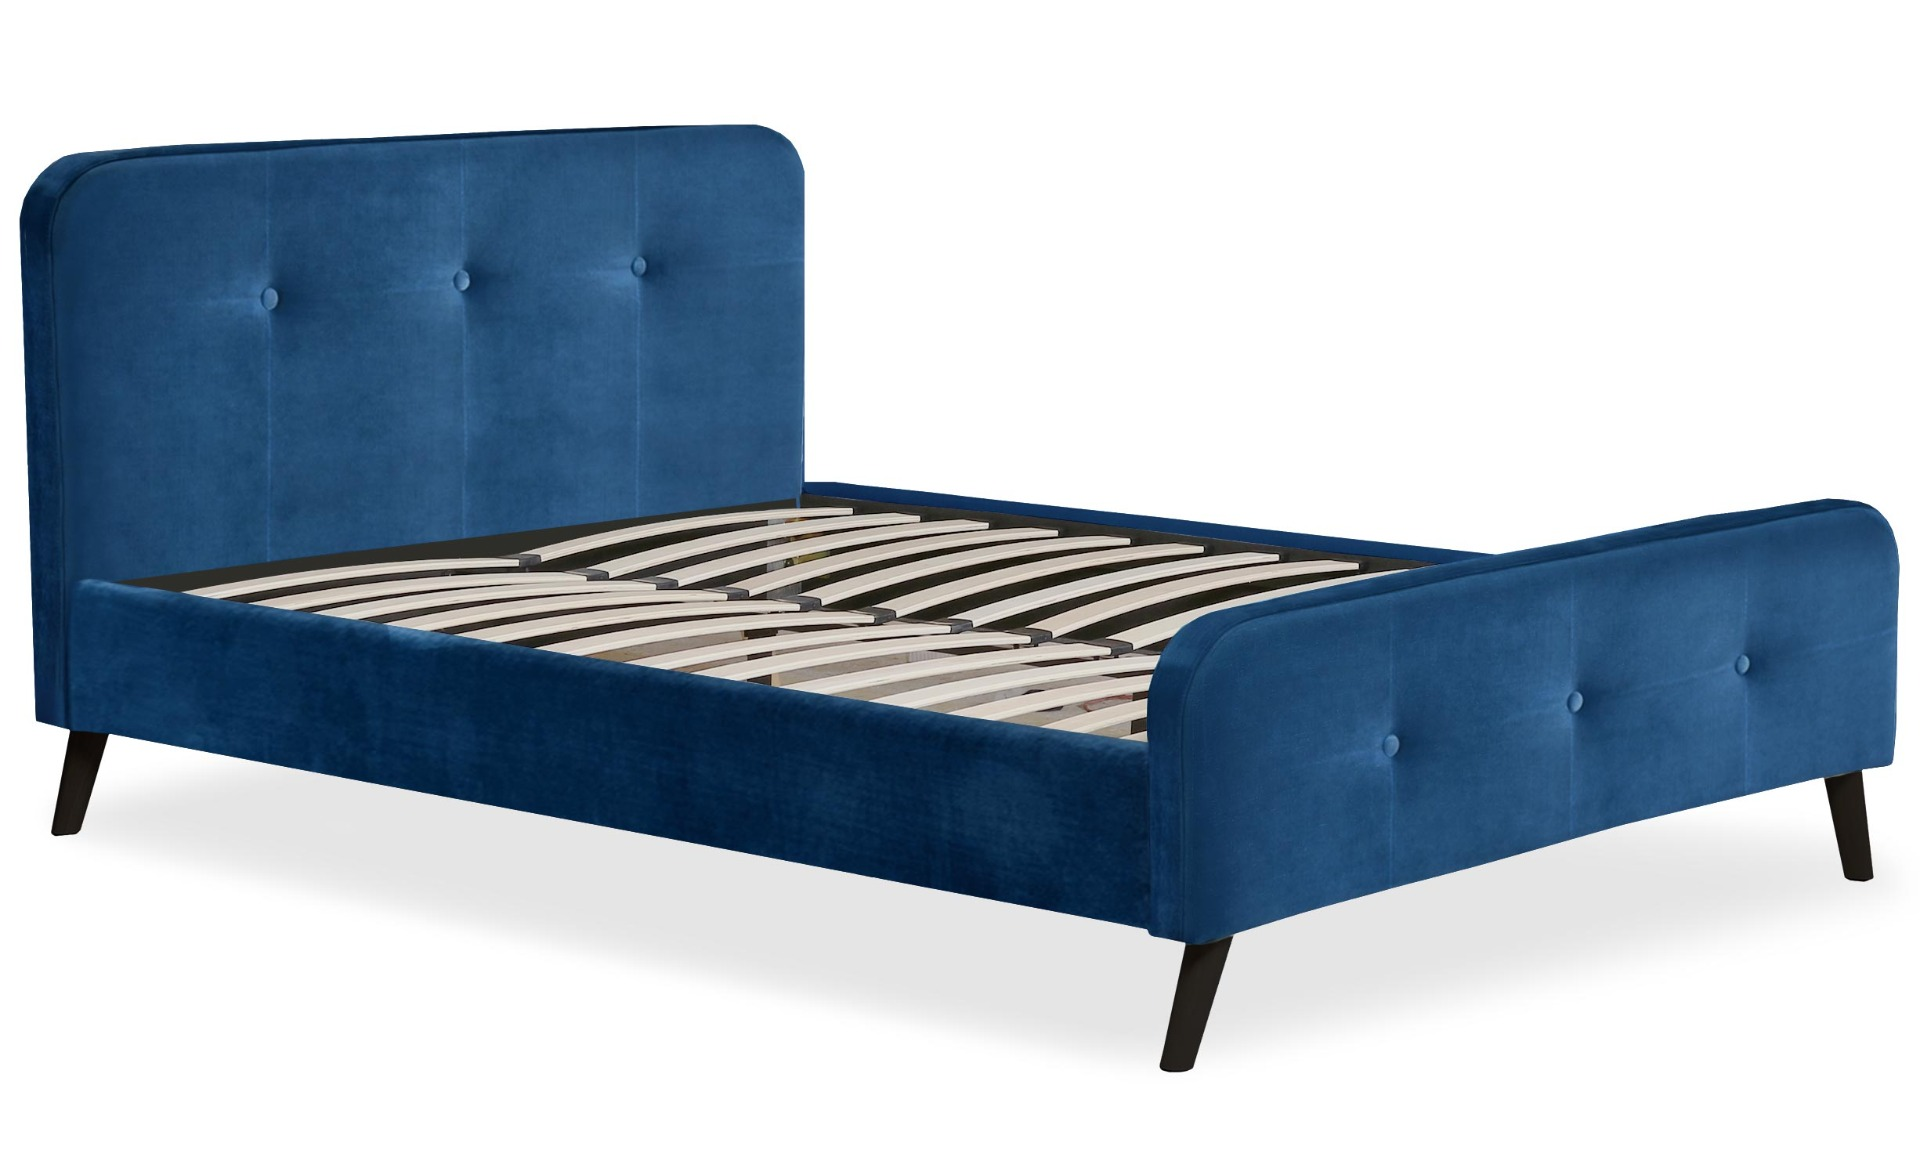 Scandinavisch bed met hoofdeinde en boxspring 140x190cm Delano Blauw Velvet